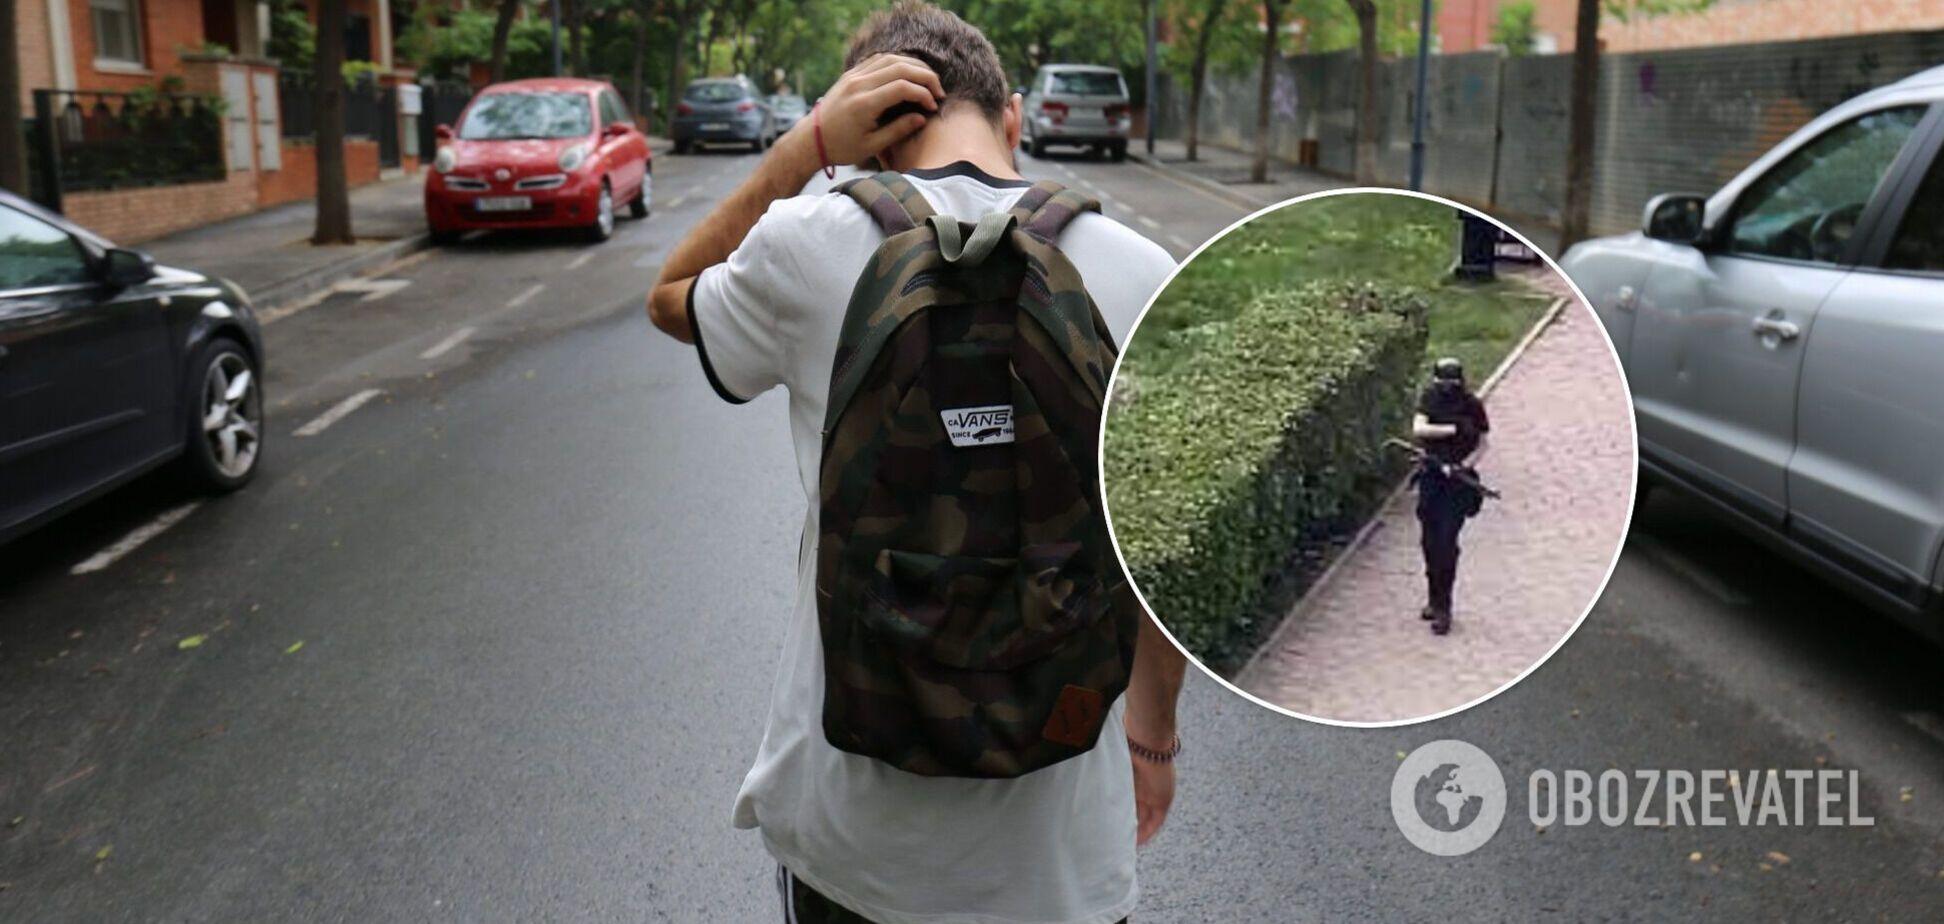 Еще в школе угрожал всех расстрелять: выяснились новые детали о пермском стрелке. Аудио